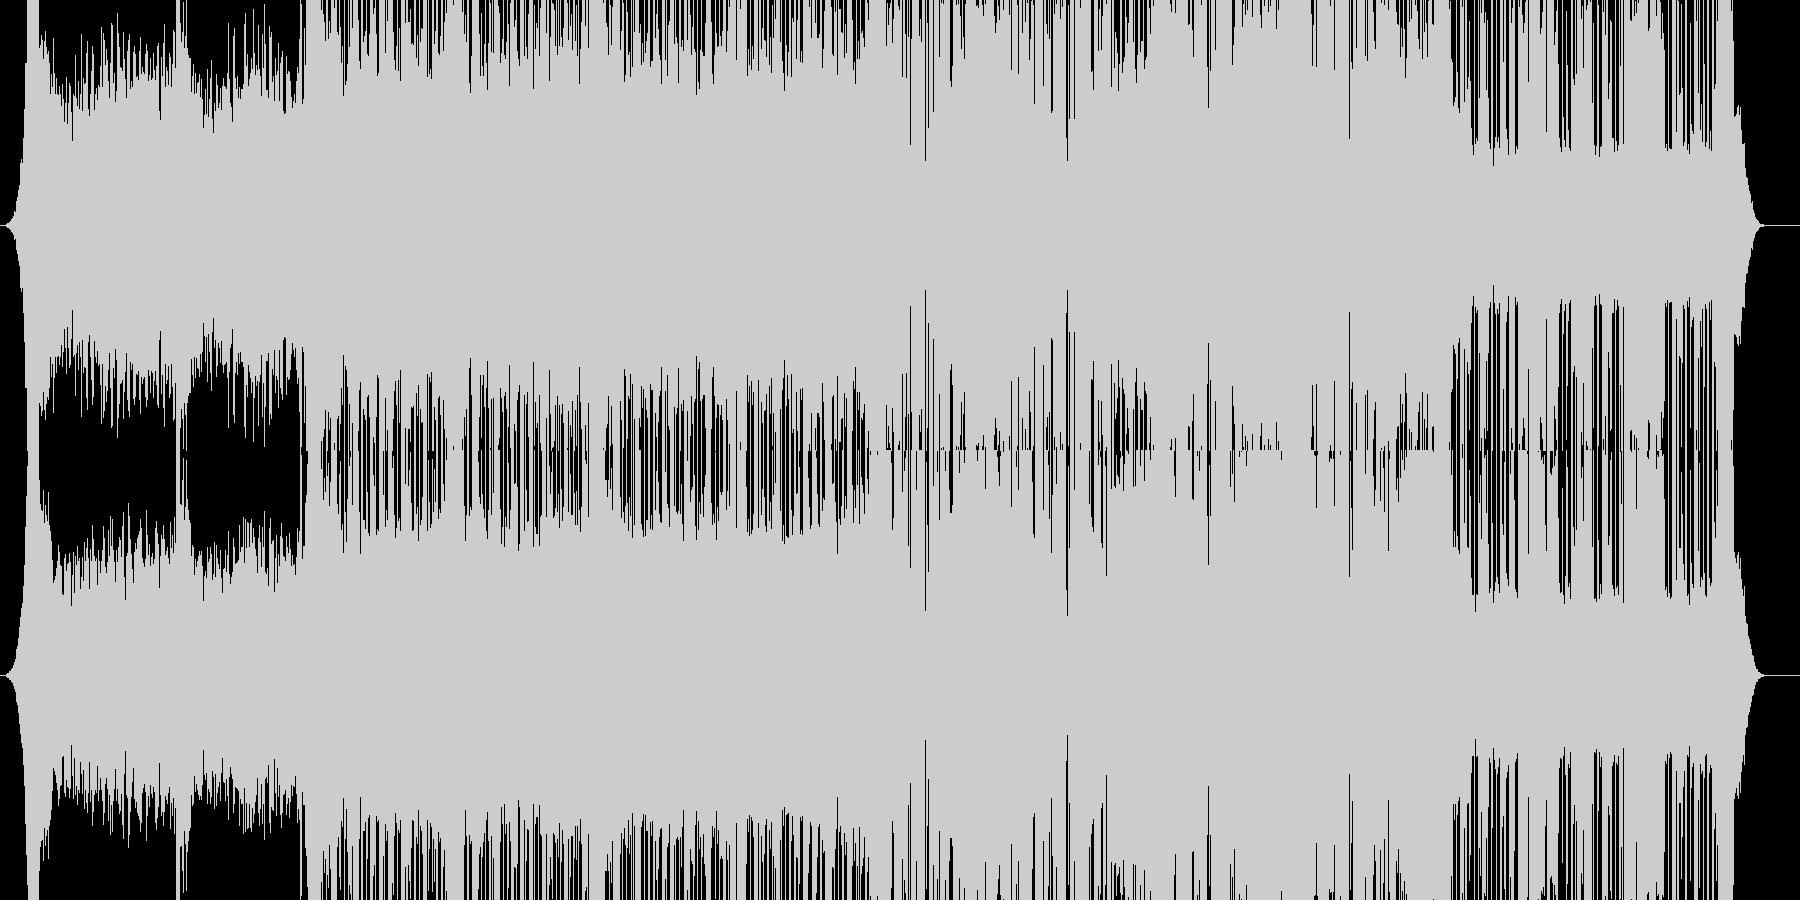 幻想的なダブステップの未再生の波形